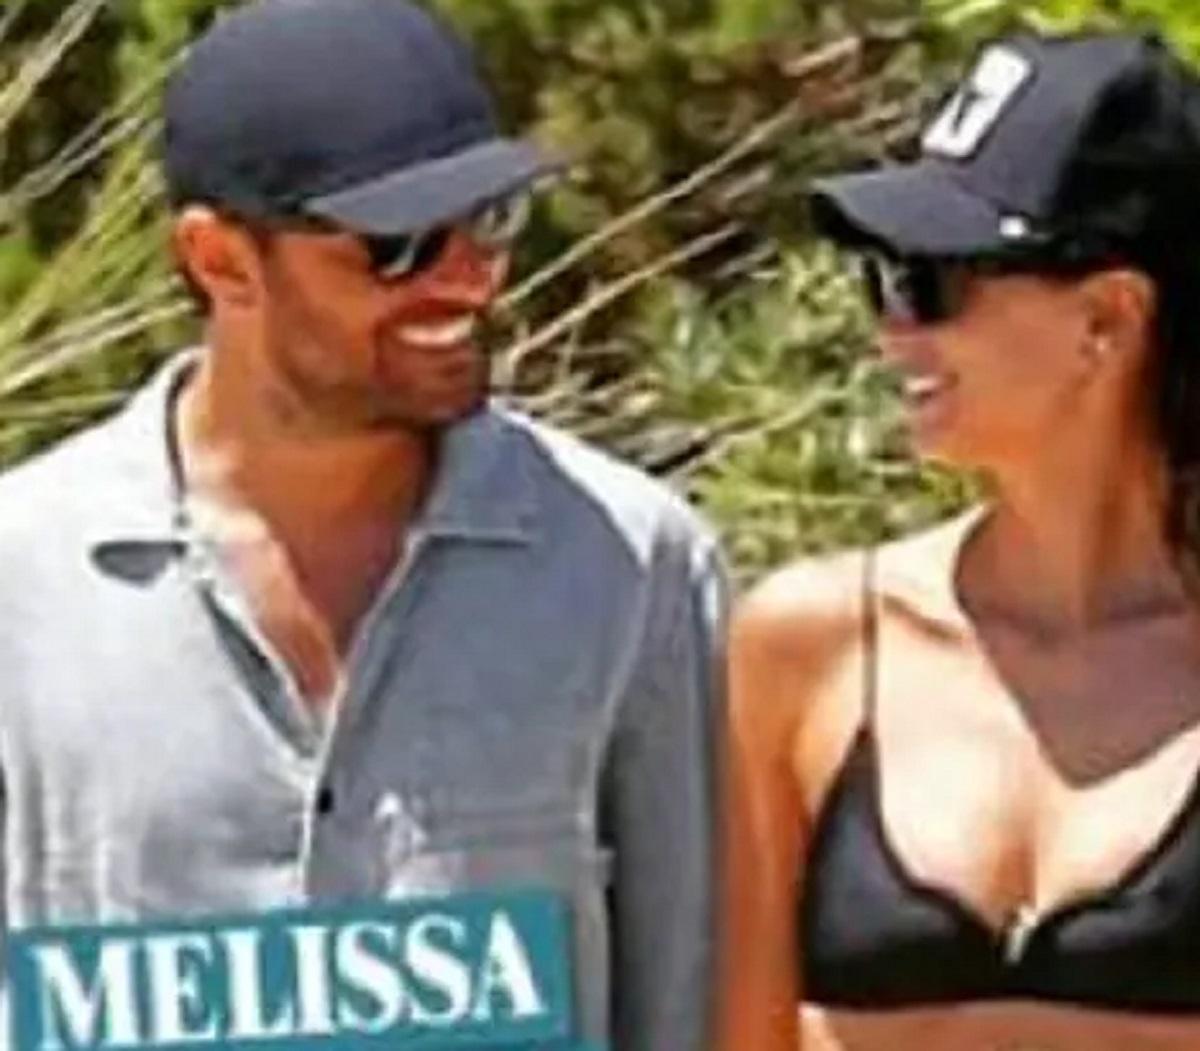 Melissa Satta nuova fiamma Mattia Rivetti